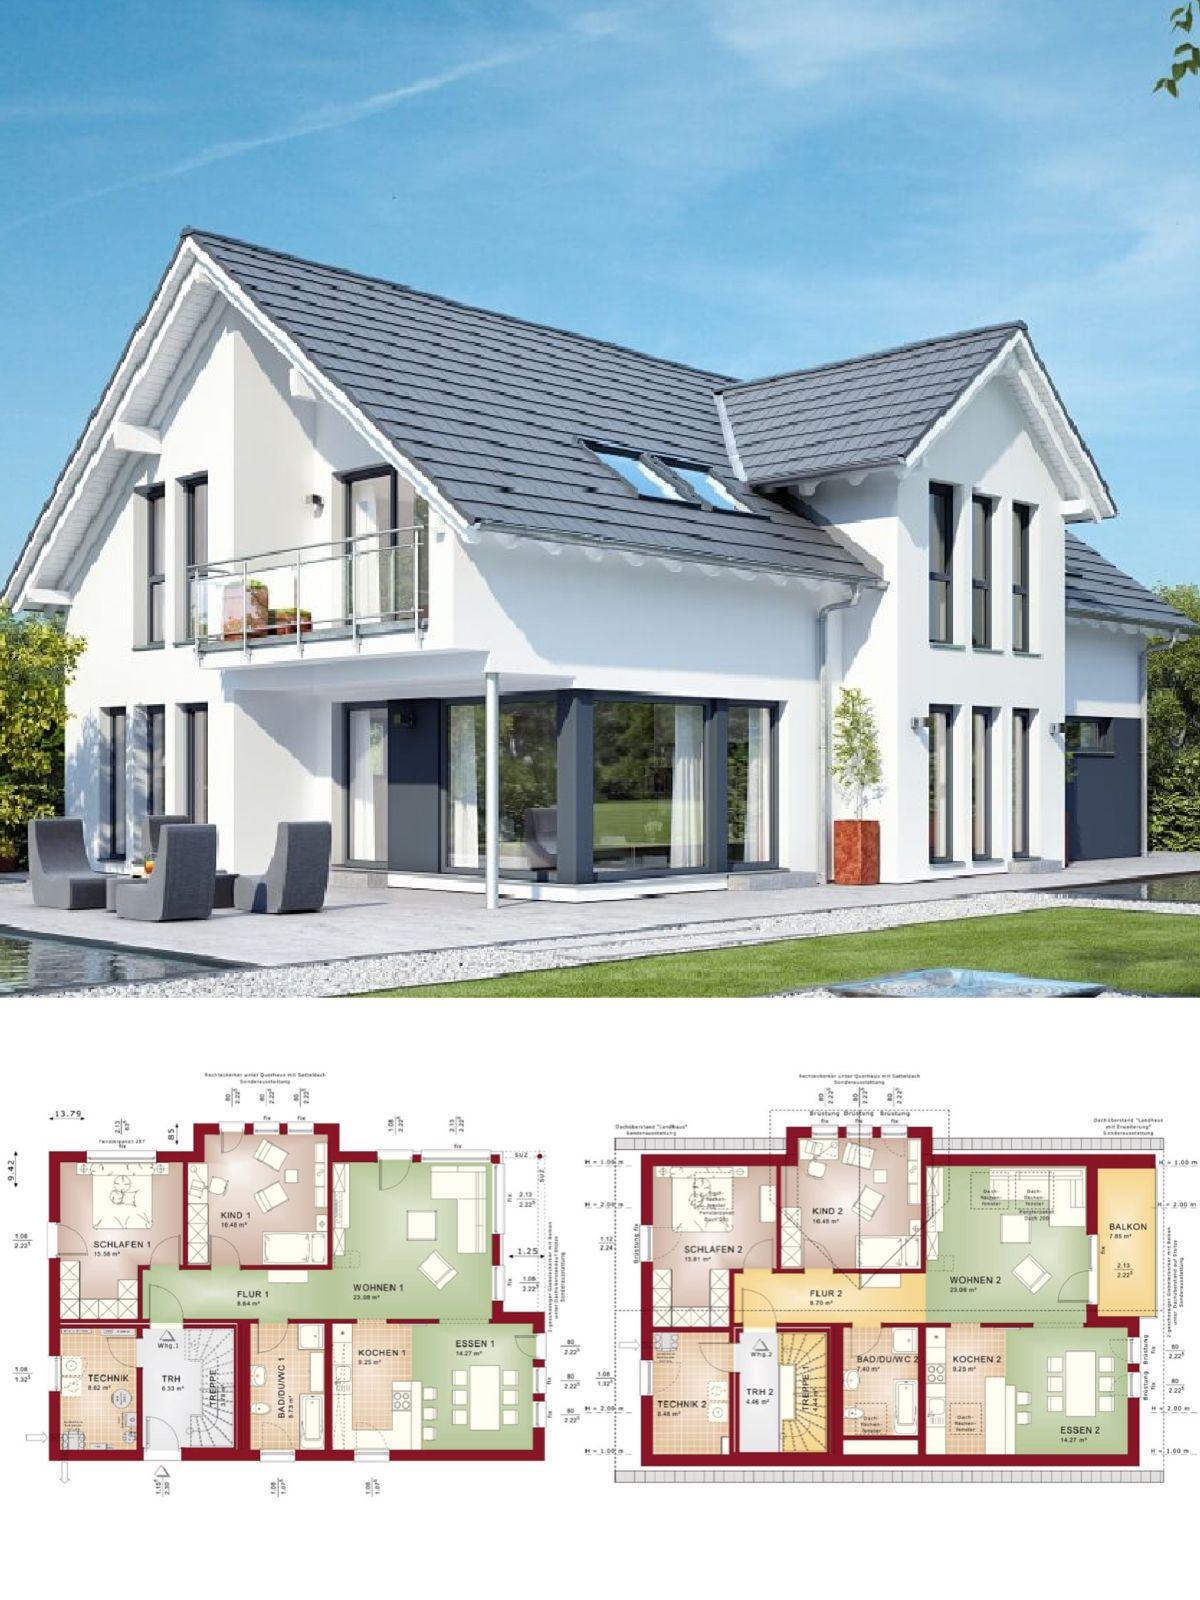 Beeindruckend Einfamilienhaus Satteldach Referenz Von Modernes Mit Einliegerwohnung & Architektur - Grundriss